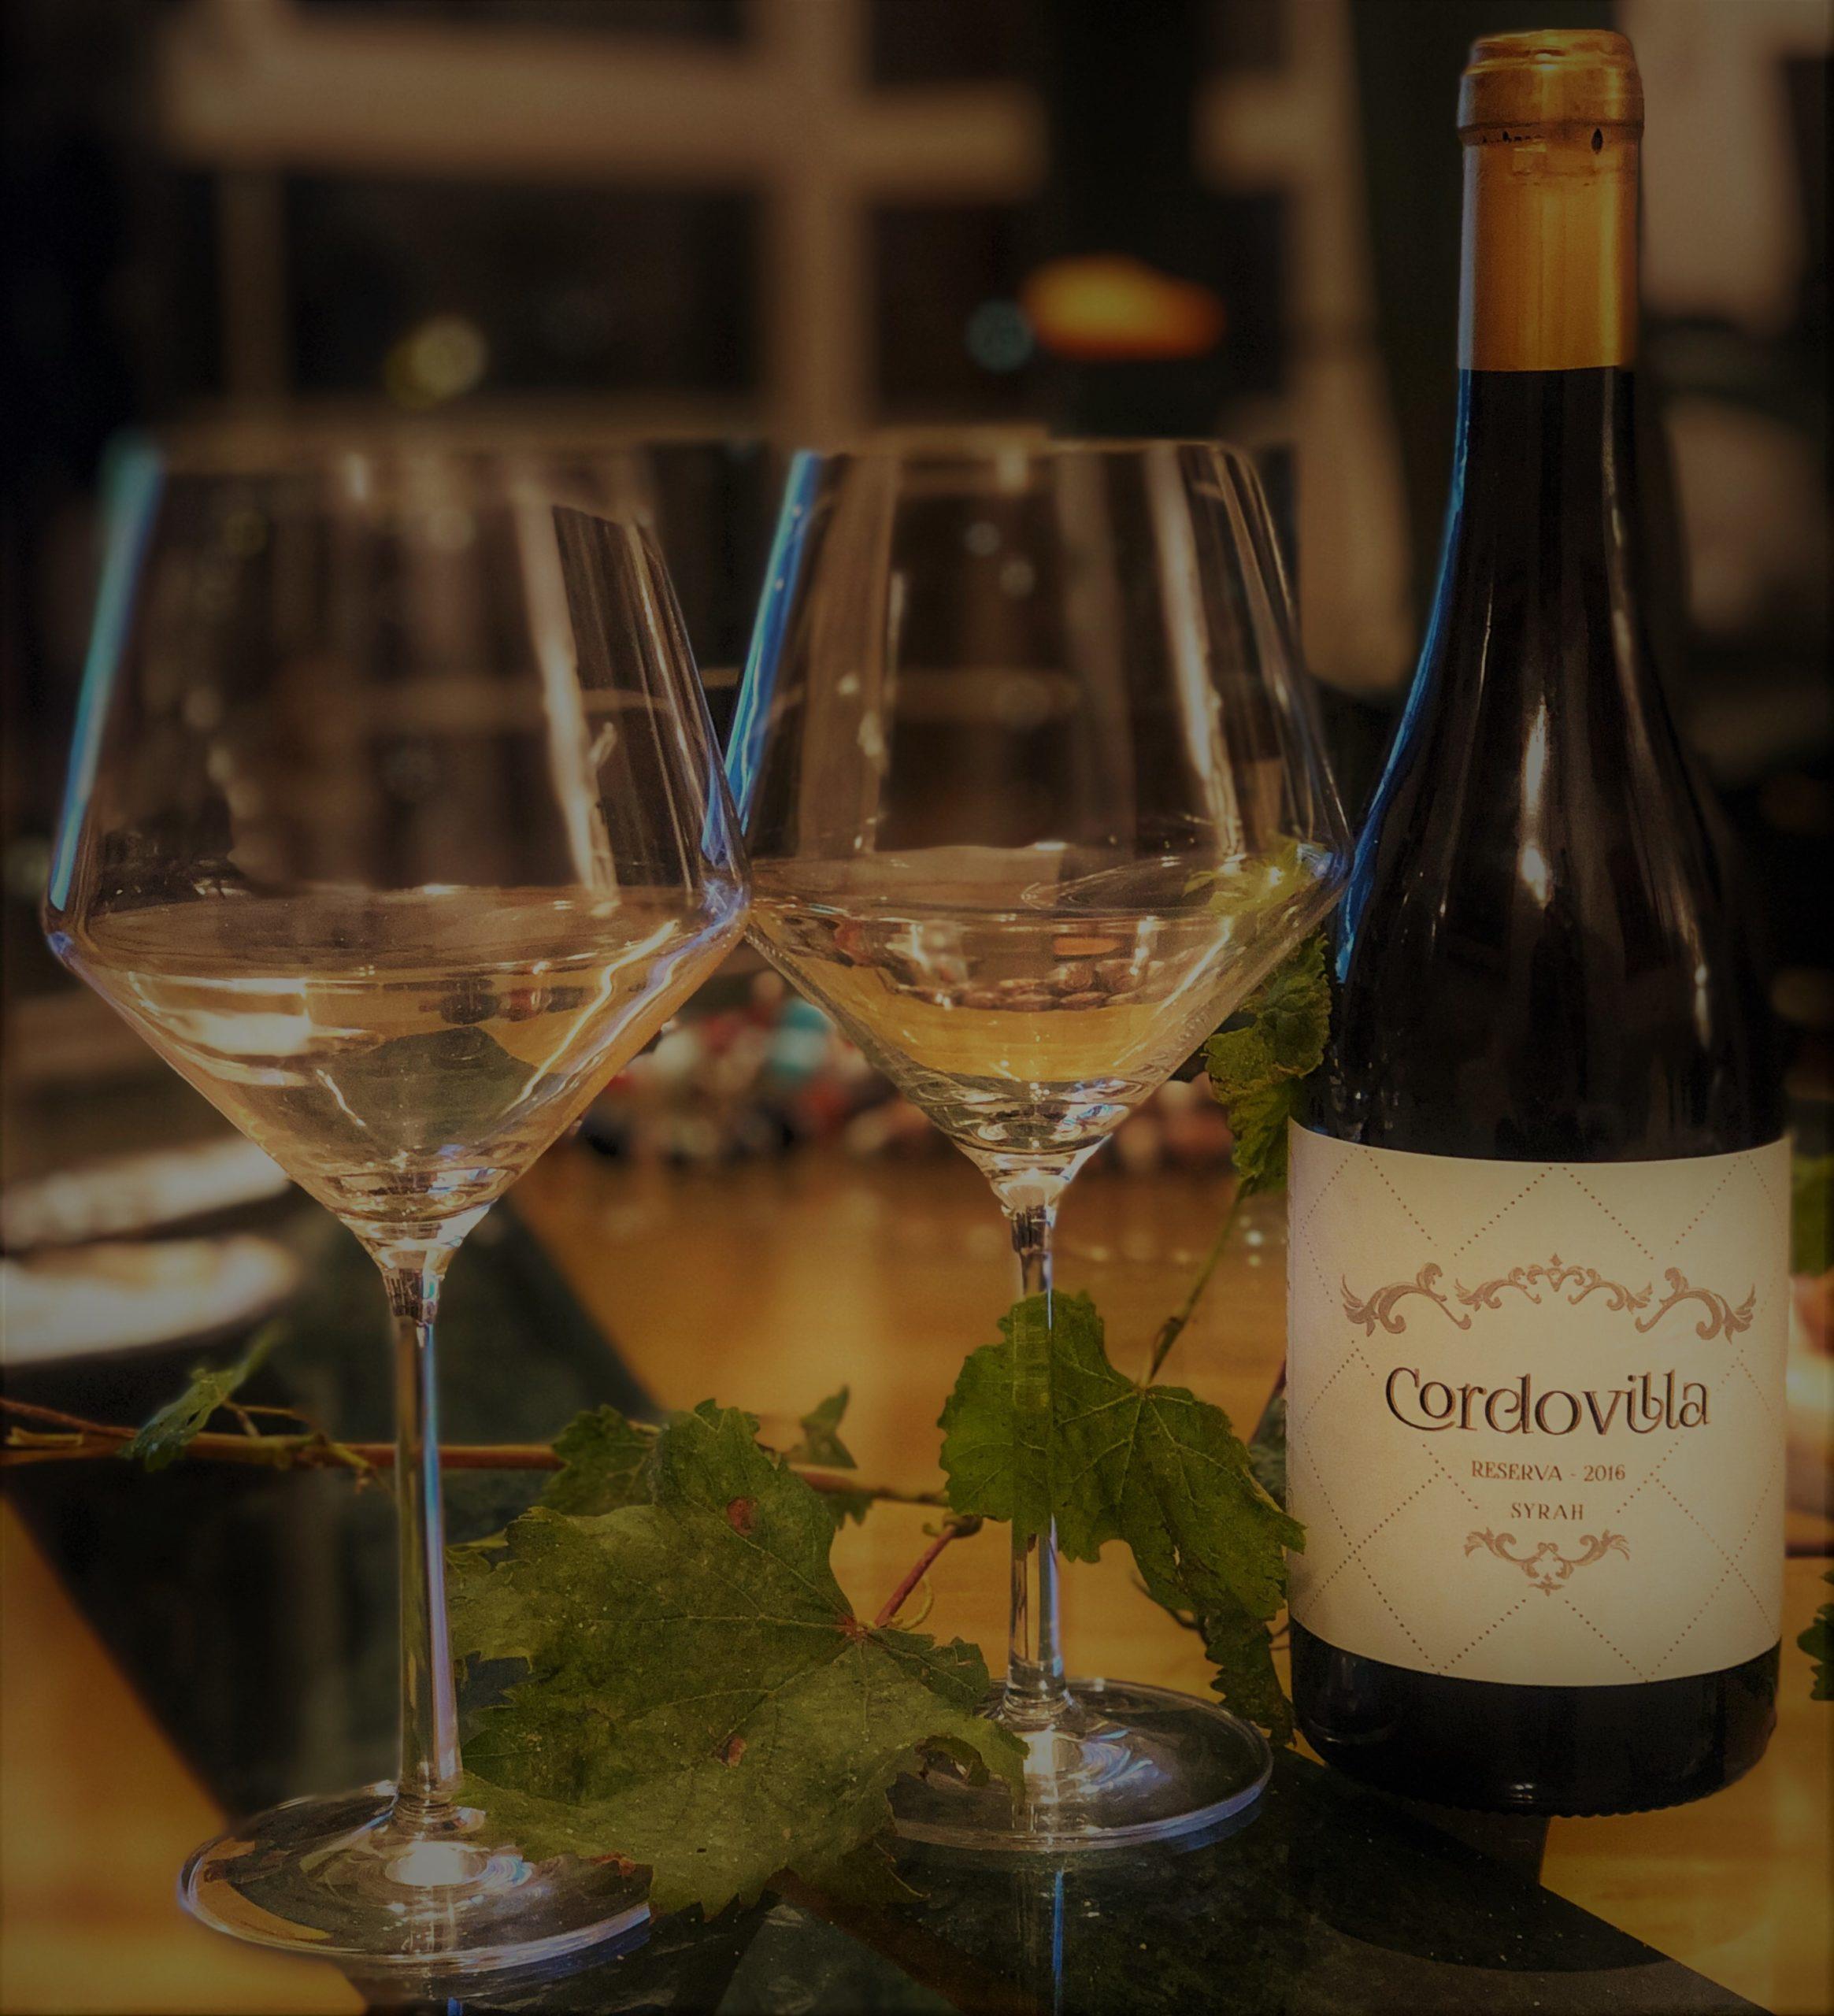 La syrah da lugar a vinos gastronómicos